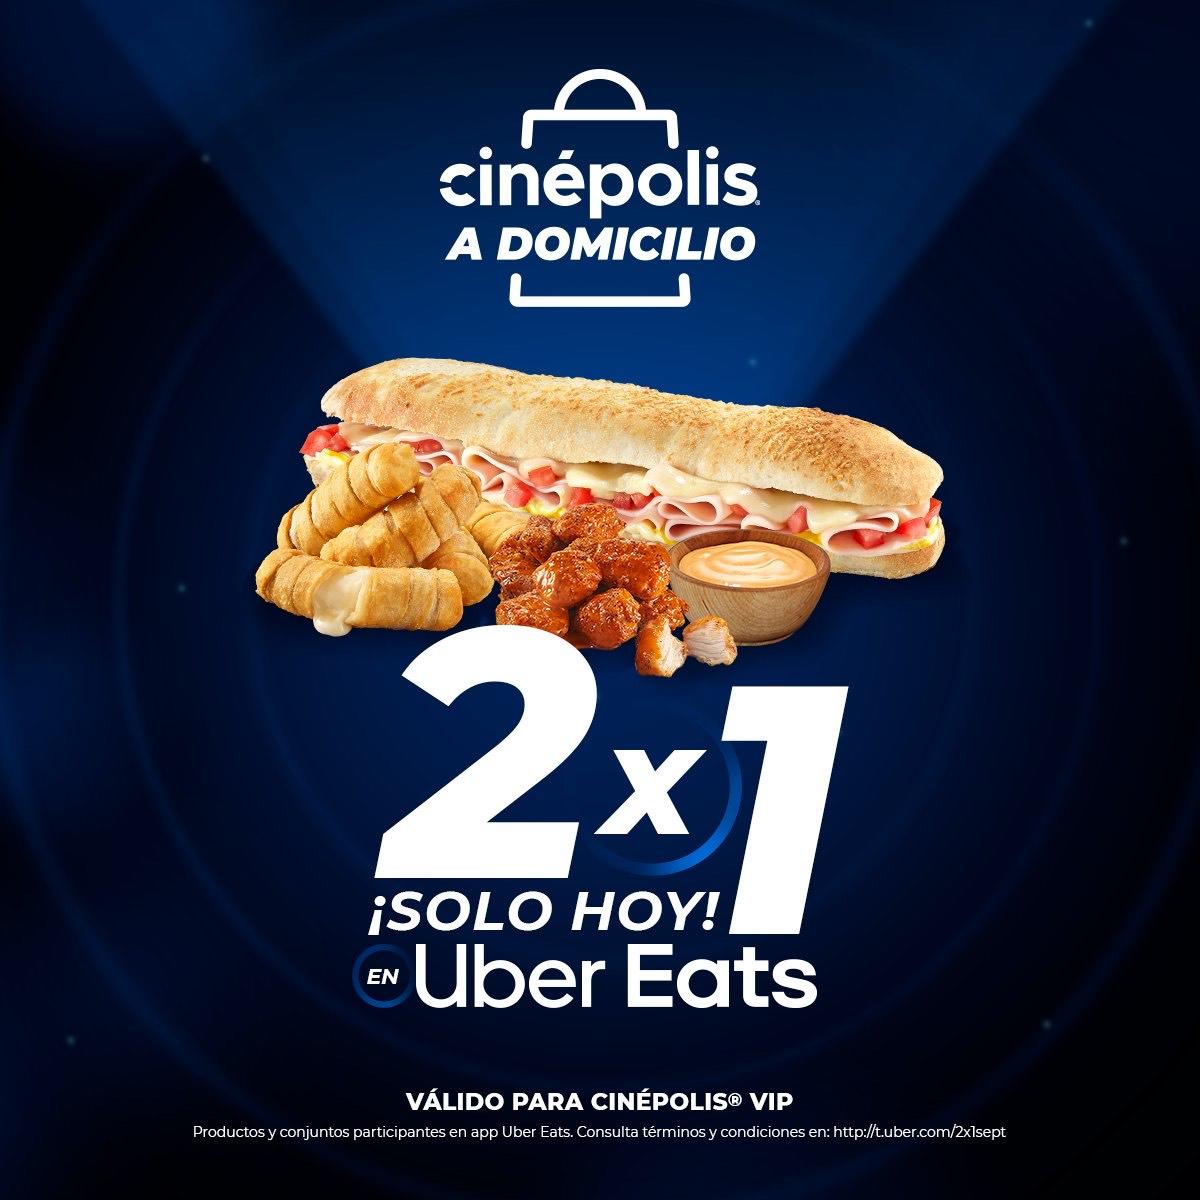 Uber Eats y Cinépolis vip: baguis 2x1